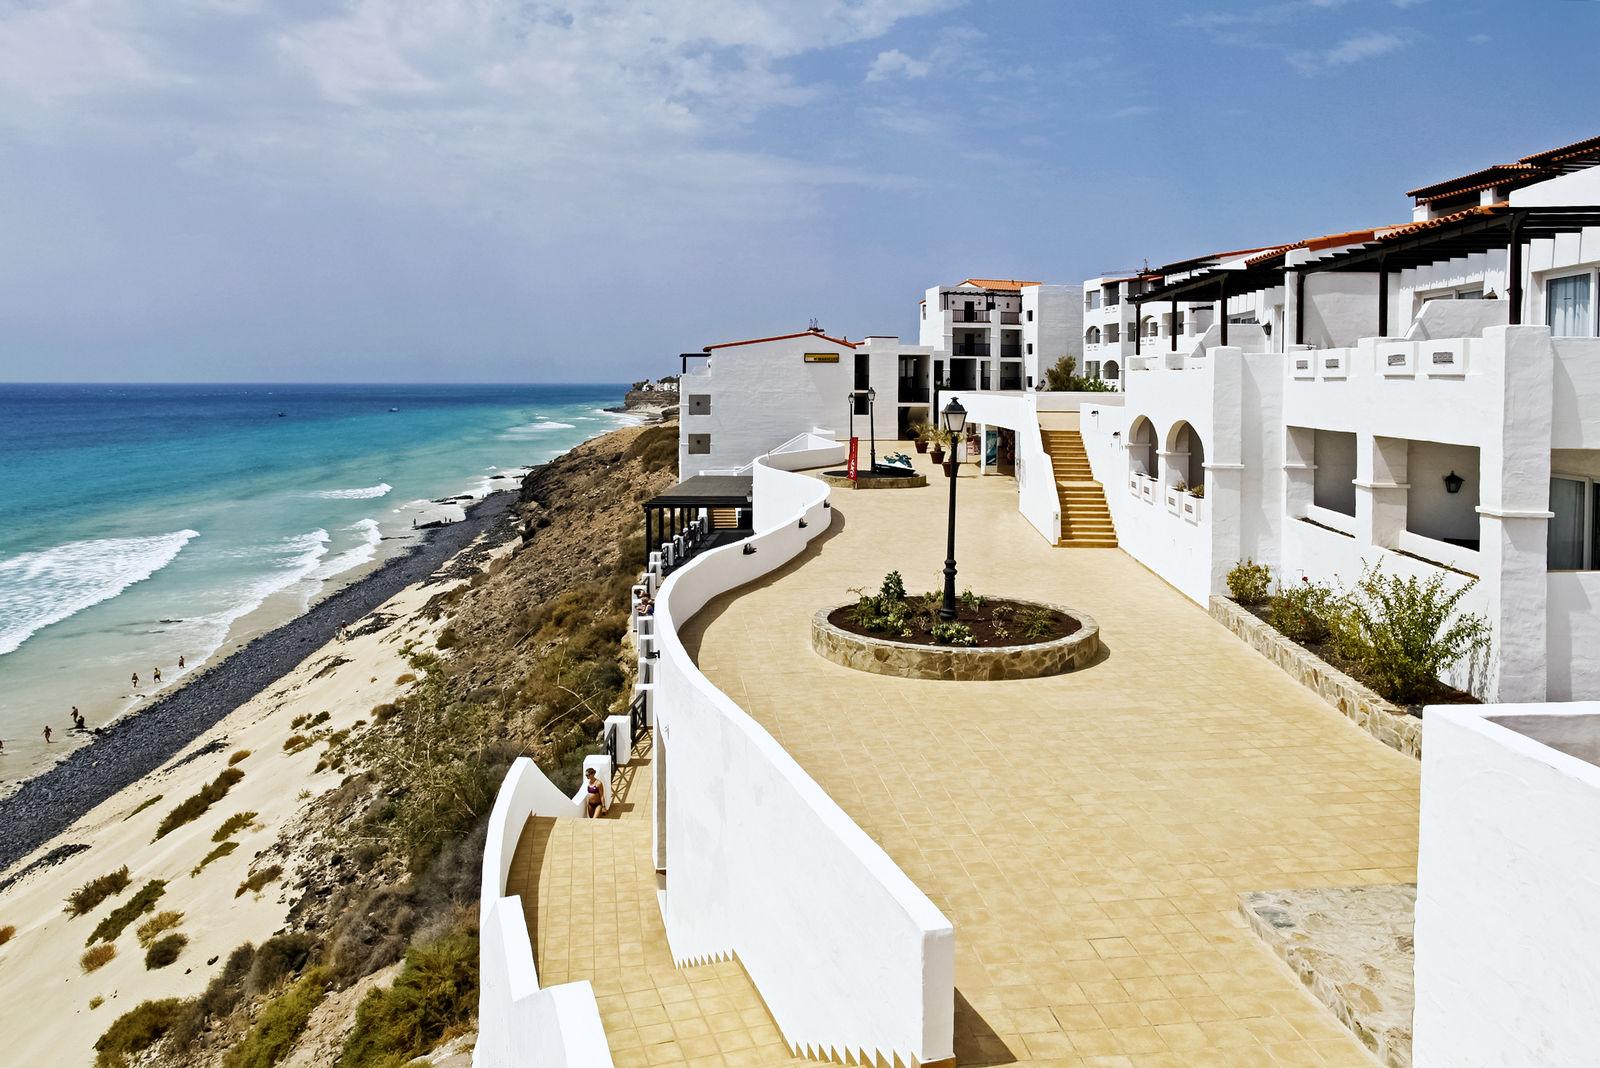 Kanaren_Fuerteventura_TUI Magic life Fuerteventura